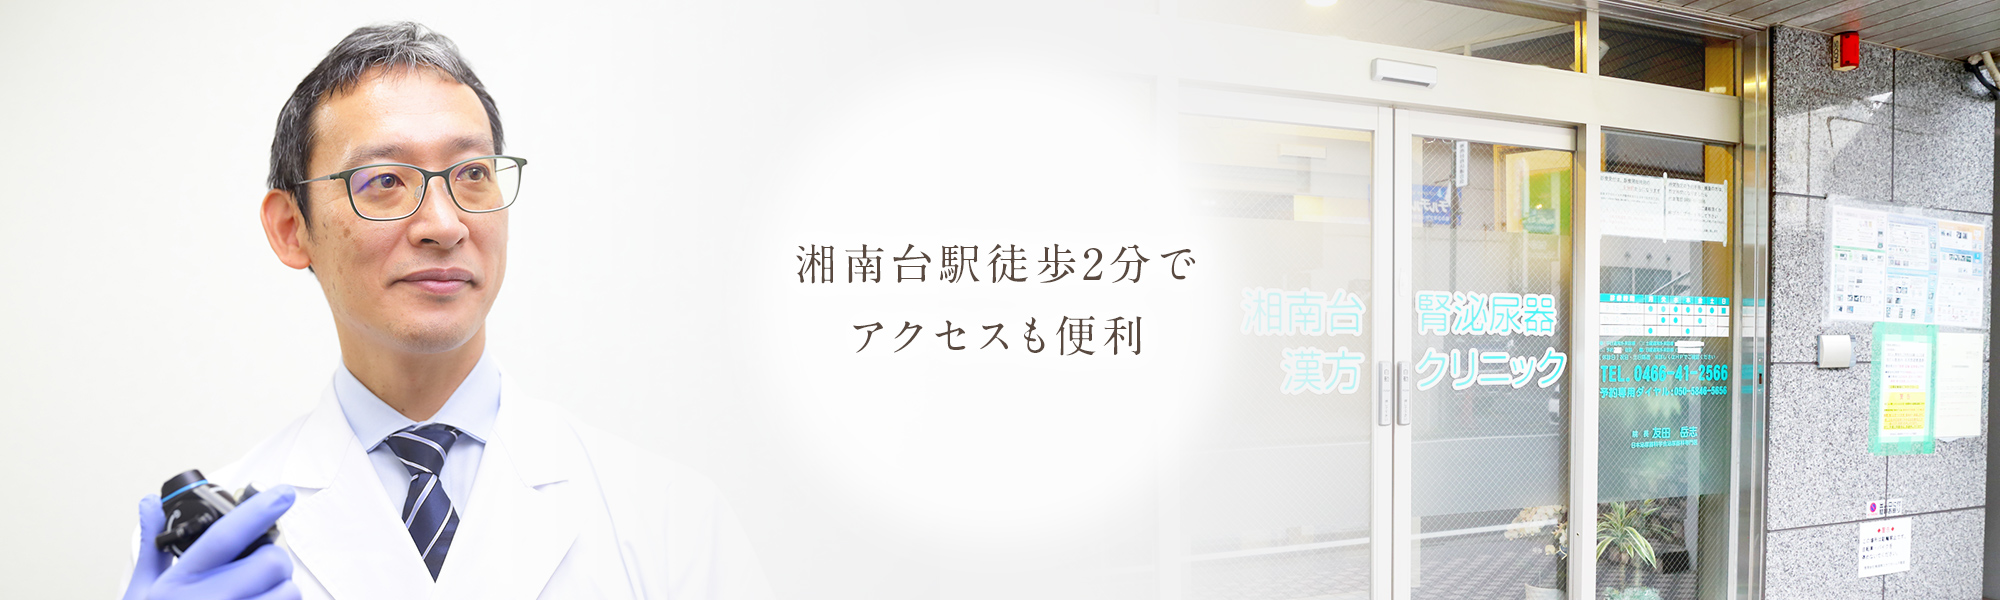 藤沢市のホームドクターとして、丁寧な診察とわかりやすい説明を心がけています